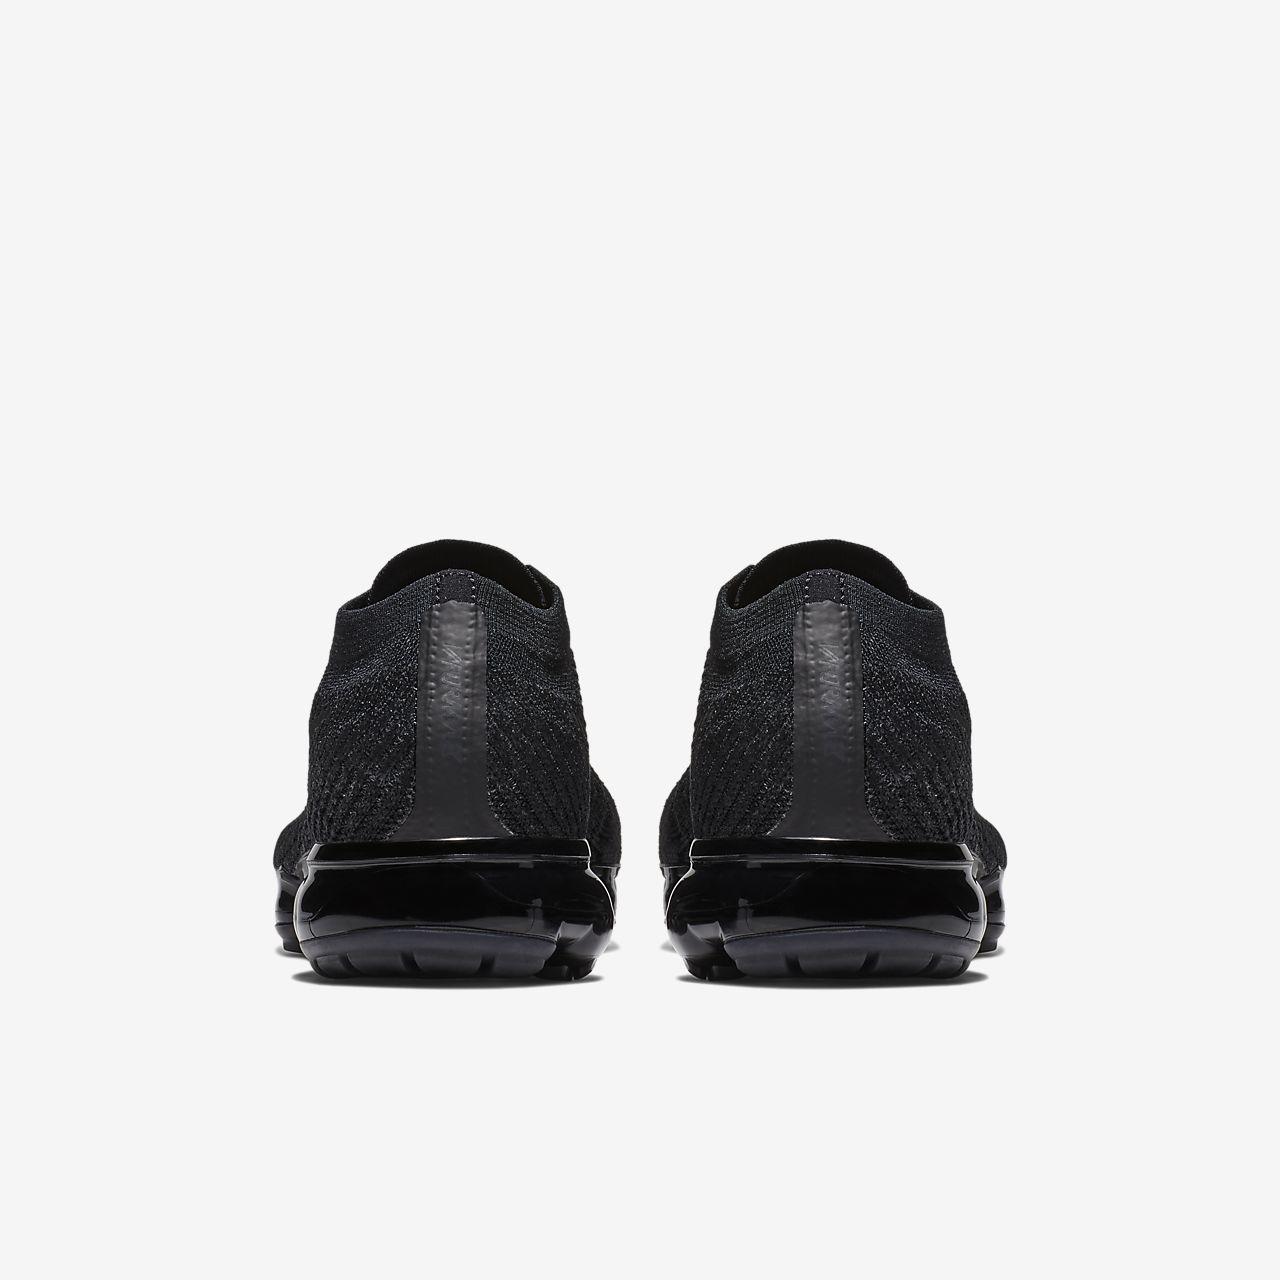 cace8baa73073 Nike Air VaporMax Flyknit Men s Running Shoe. Nike.com GB